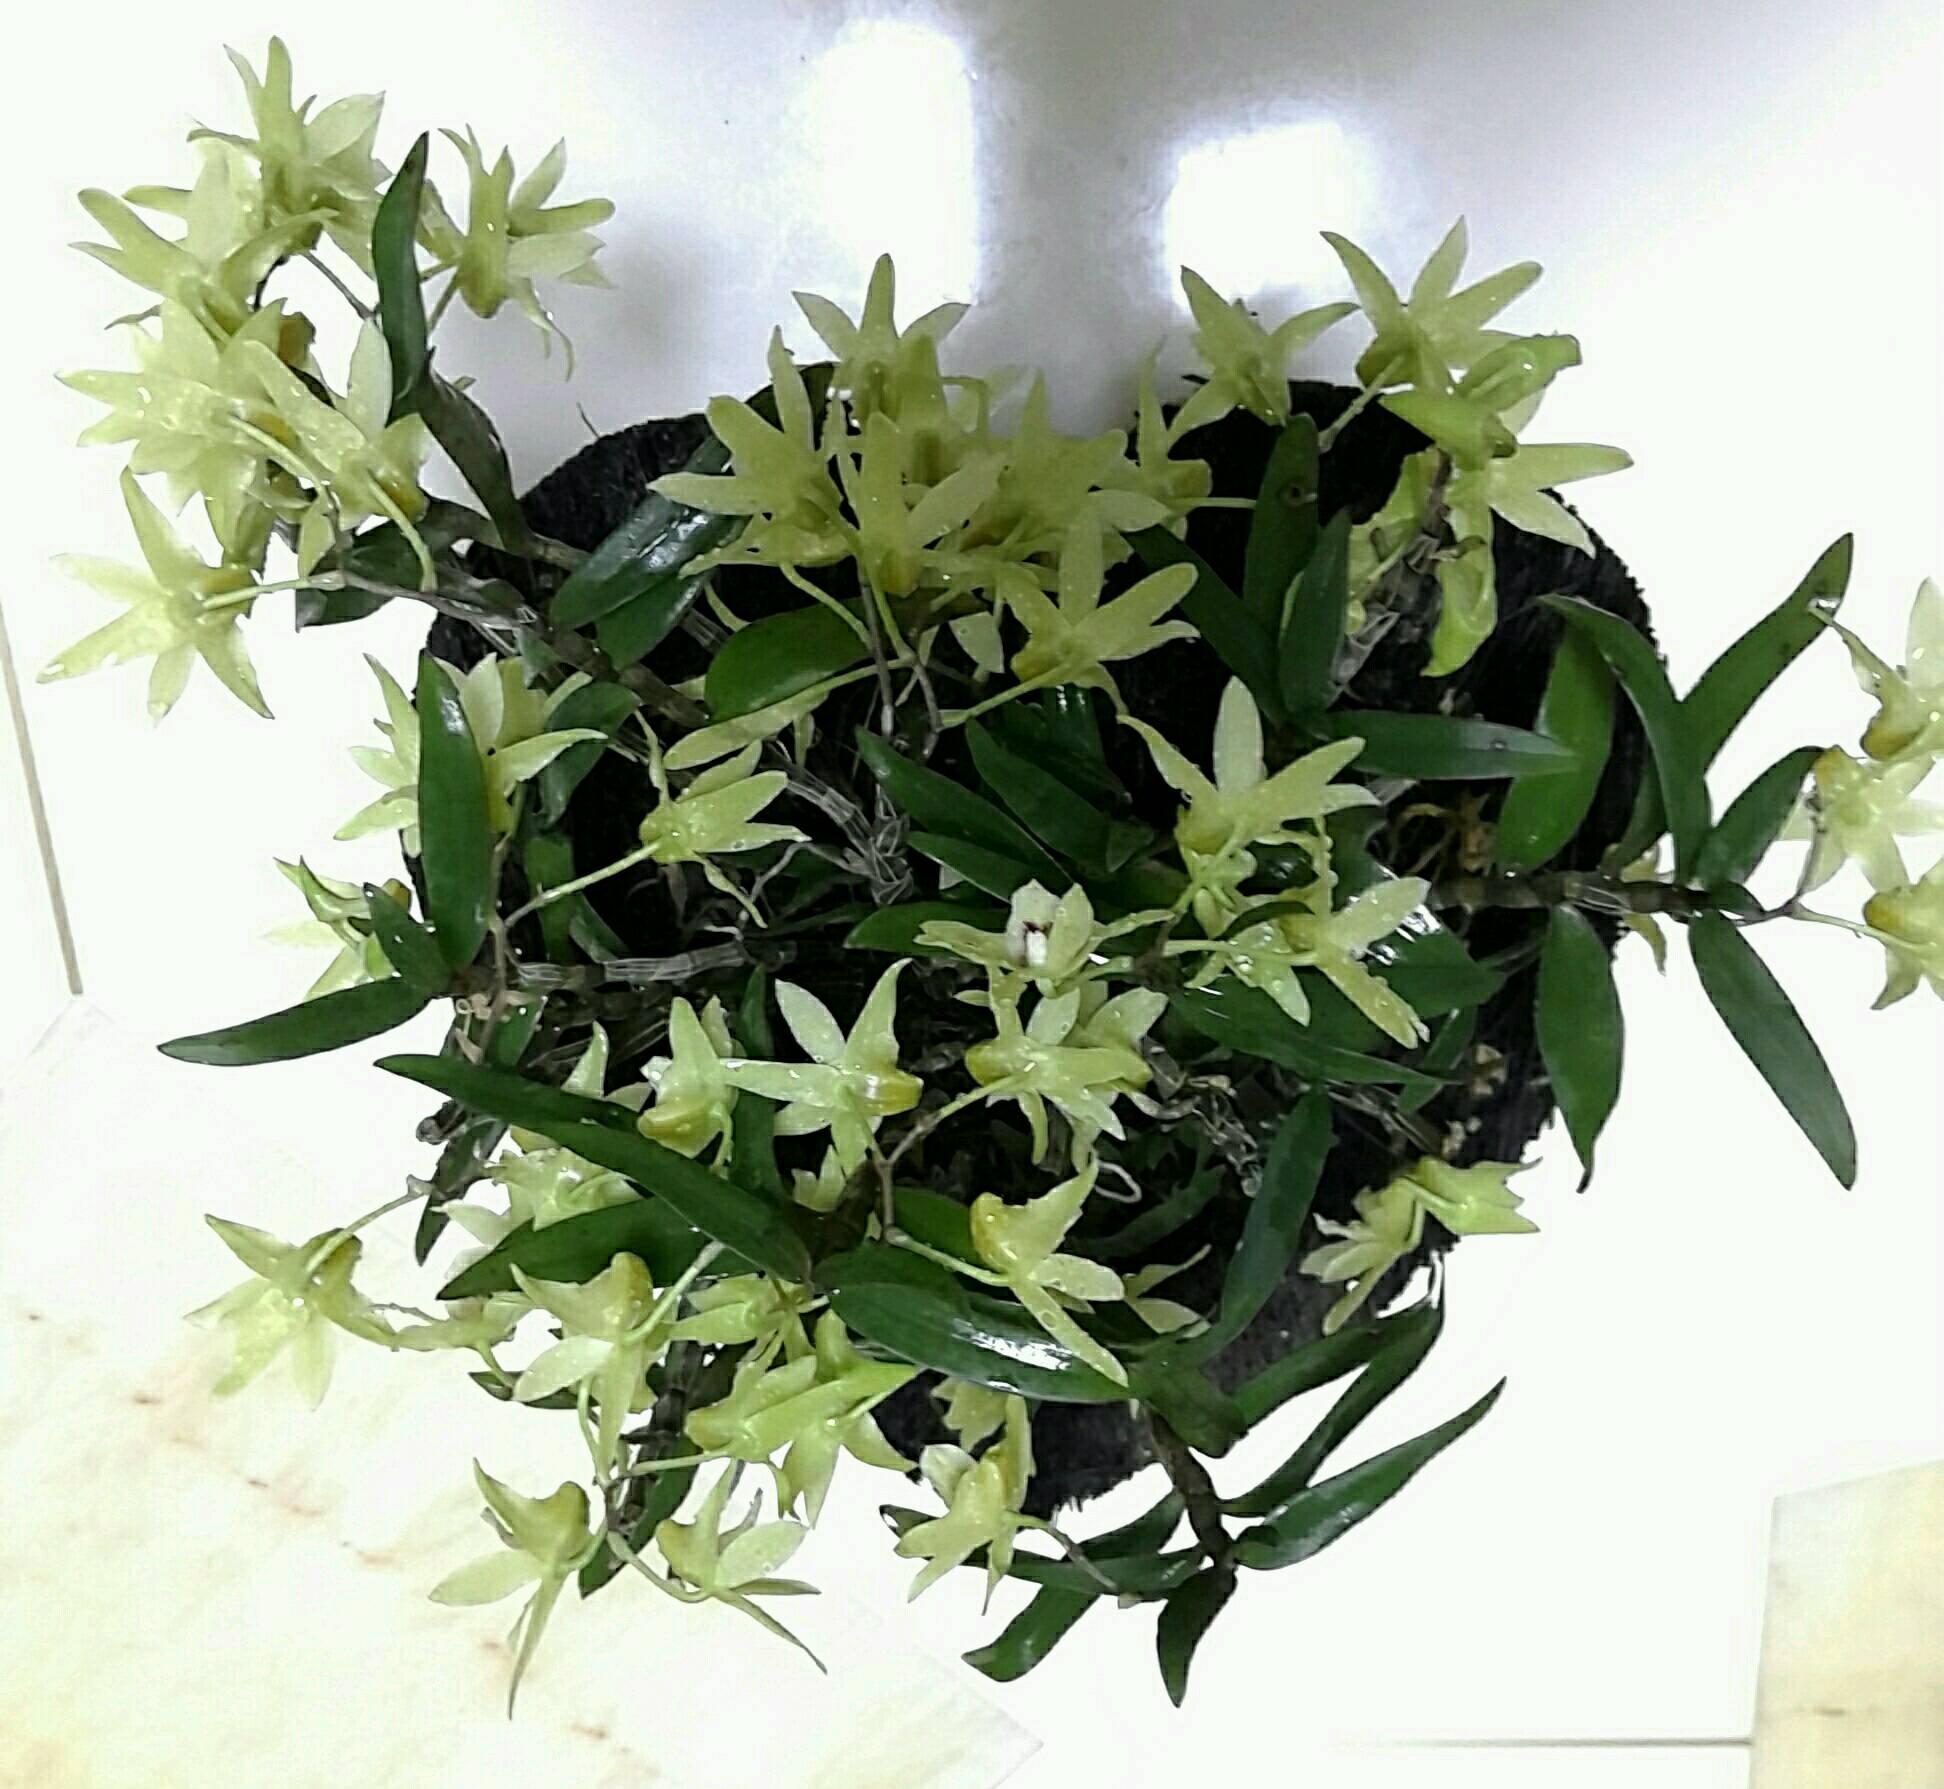 我就发个自制爱心蛇木板花盆栽的铁皮石斛花儿帮他